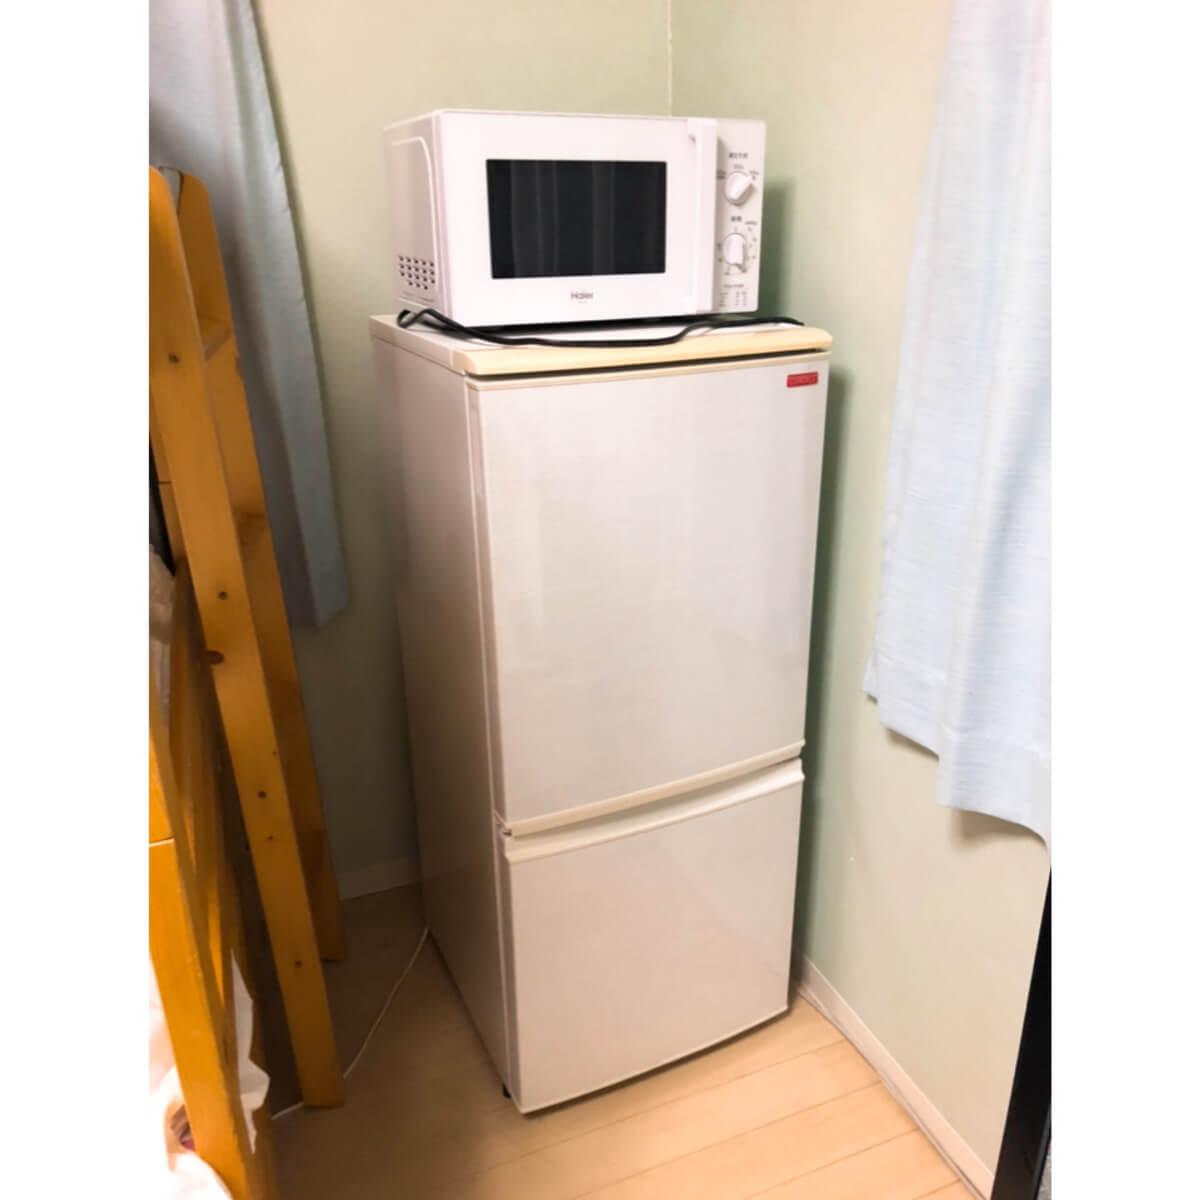 電子レンジ&冷蔵庫の写真